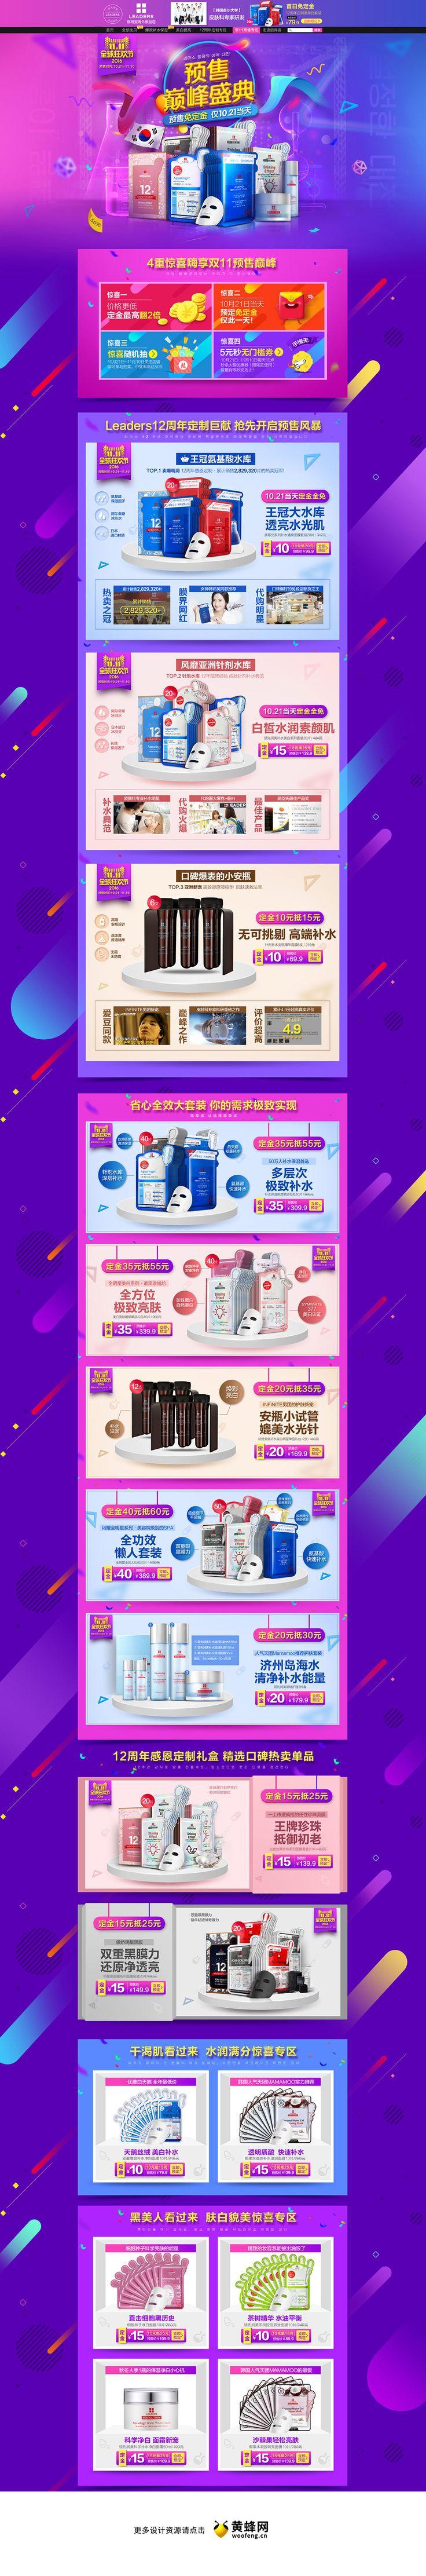 LEADERS海外美妆美容美发护肤化妆品双11预售 双十一预售天猫店铺首页设计 更多设计资源尽在黄蜂网http://woofeng.cn/